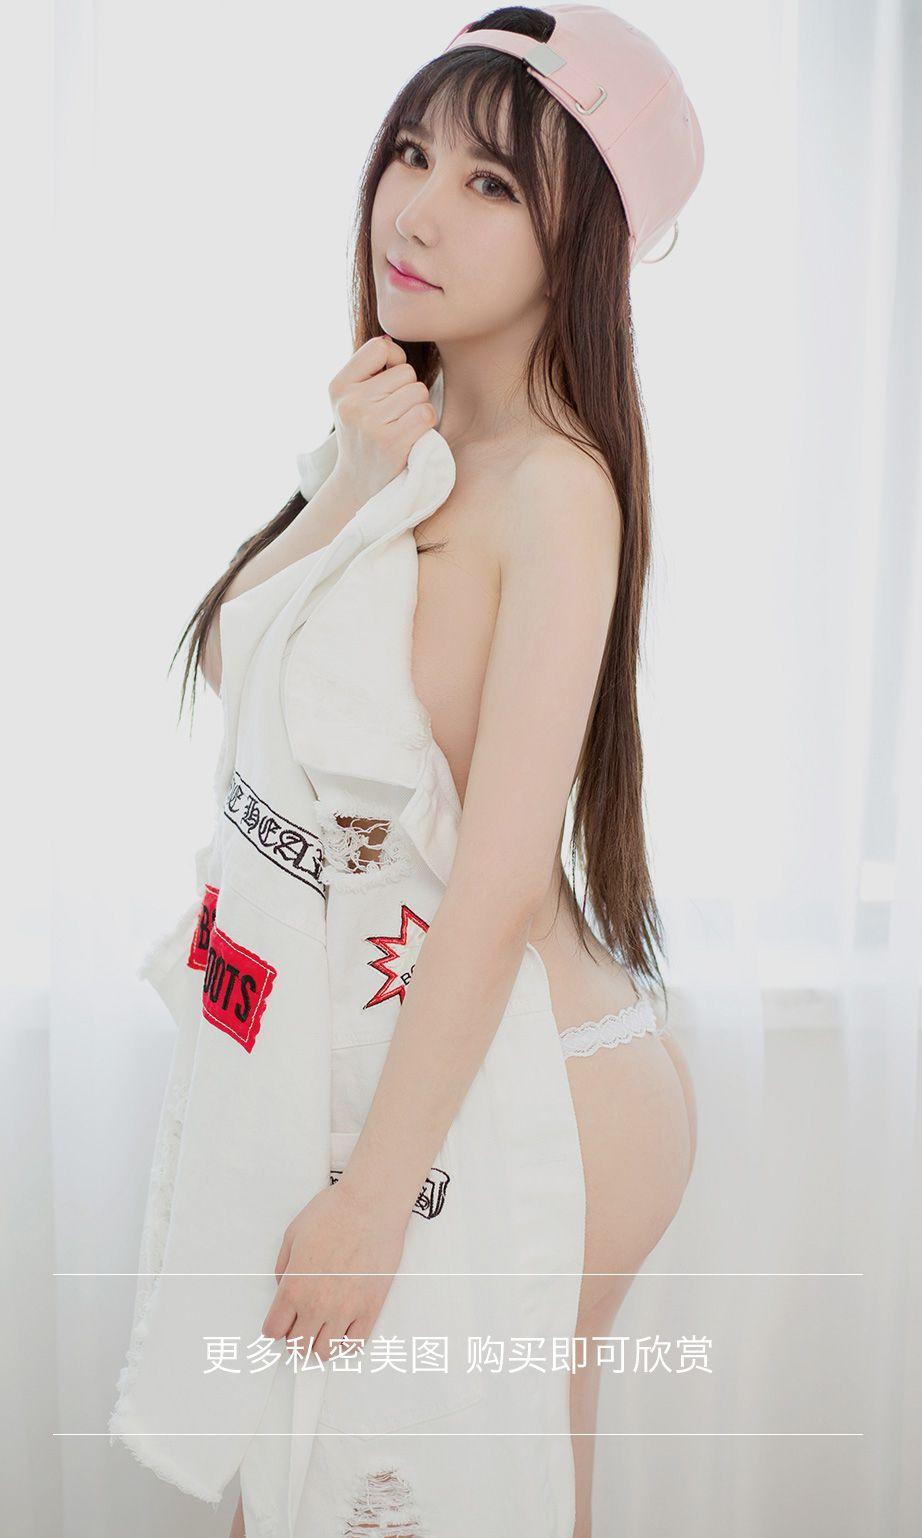 韩恩熙 - 纯真年代